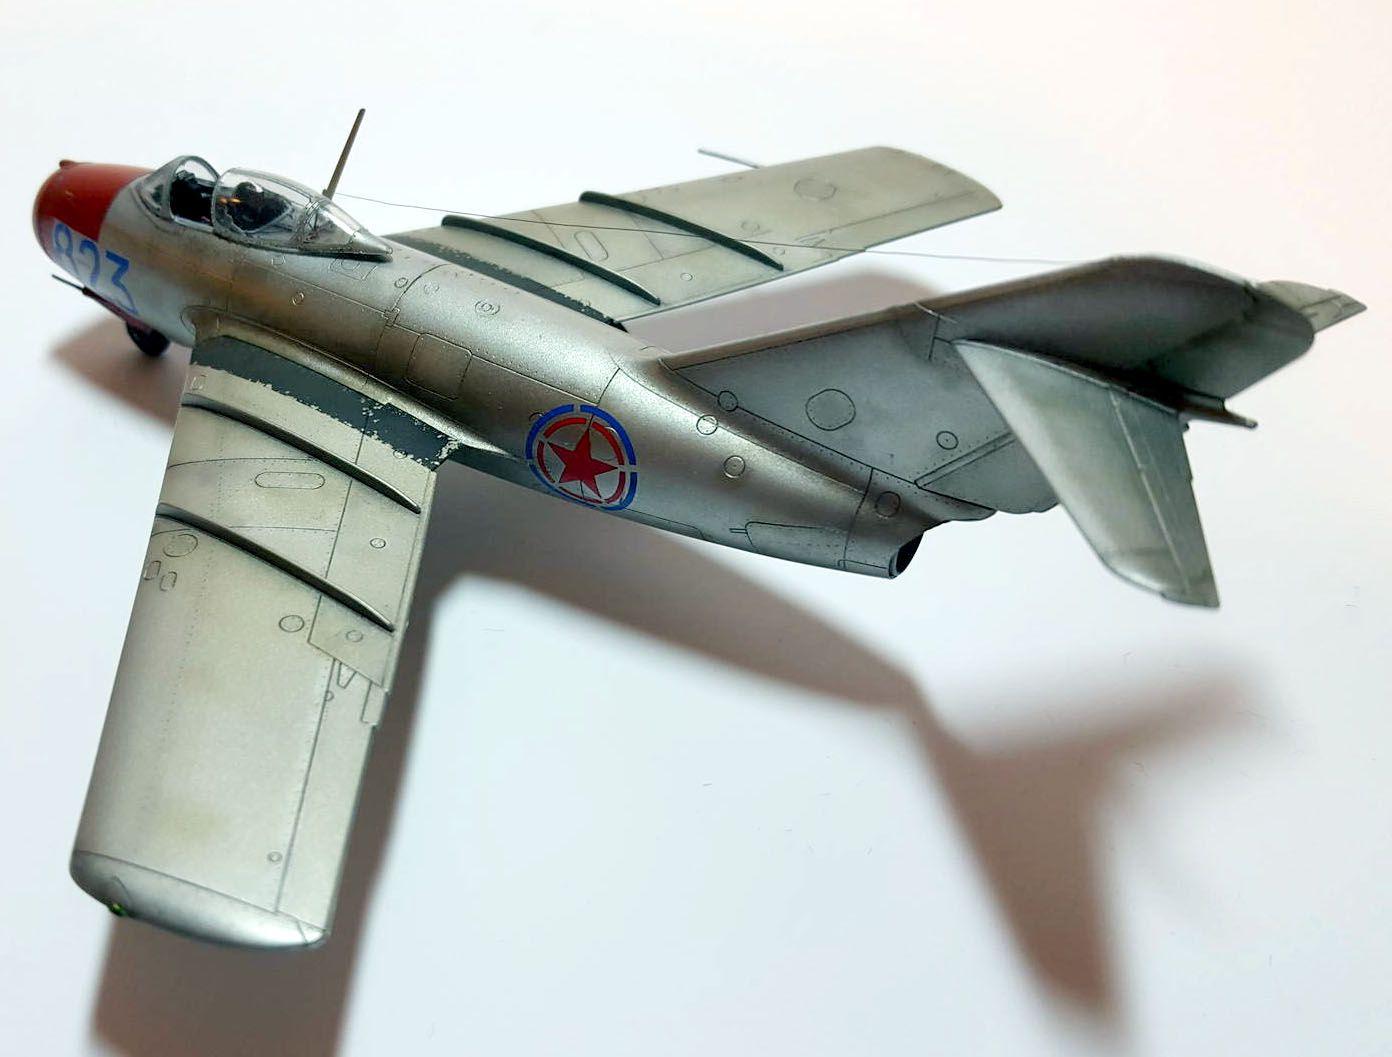 MiG-15 - 1/72 - Eduard 7057  - BLIMPS COMÉRCIO ELETRÔNICO